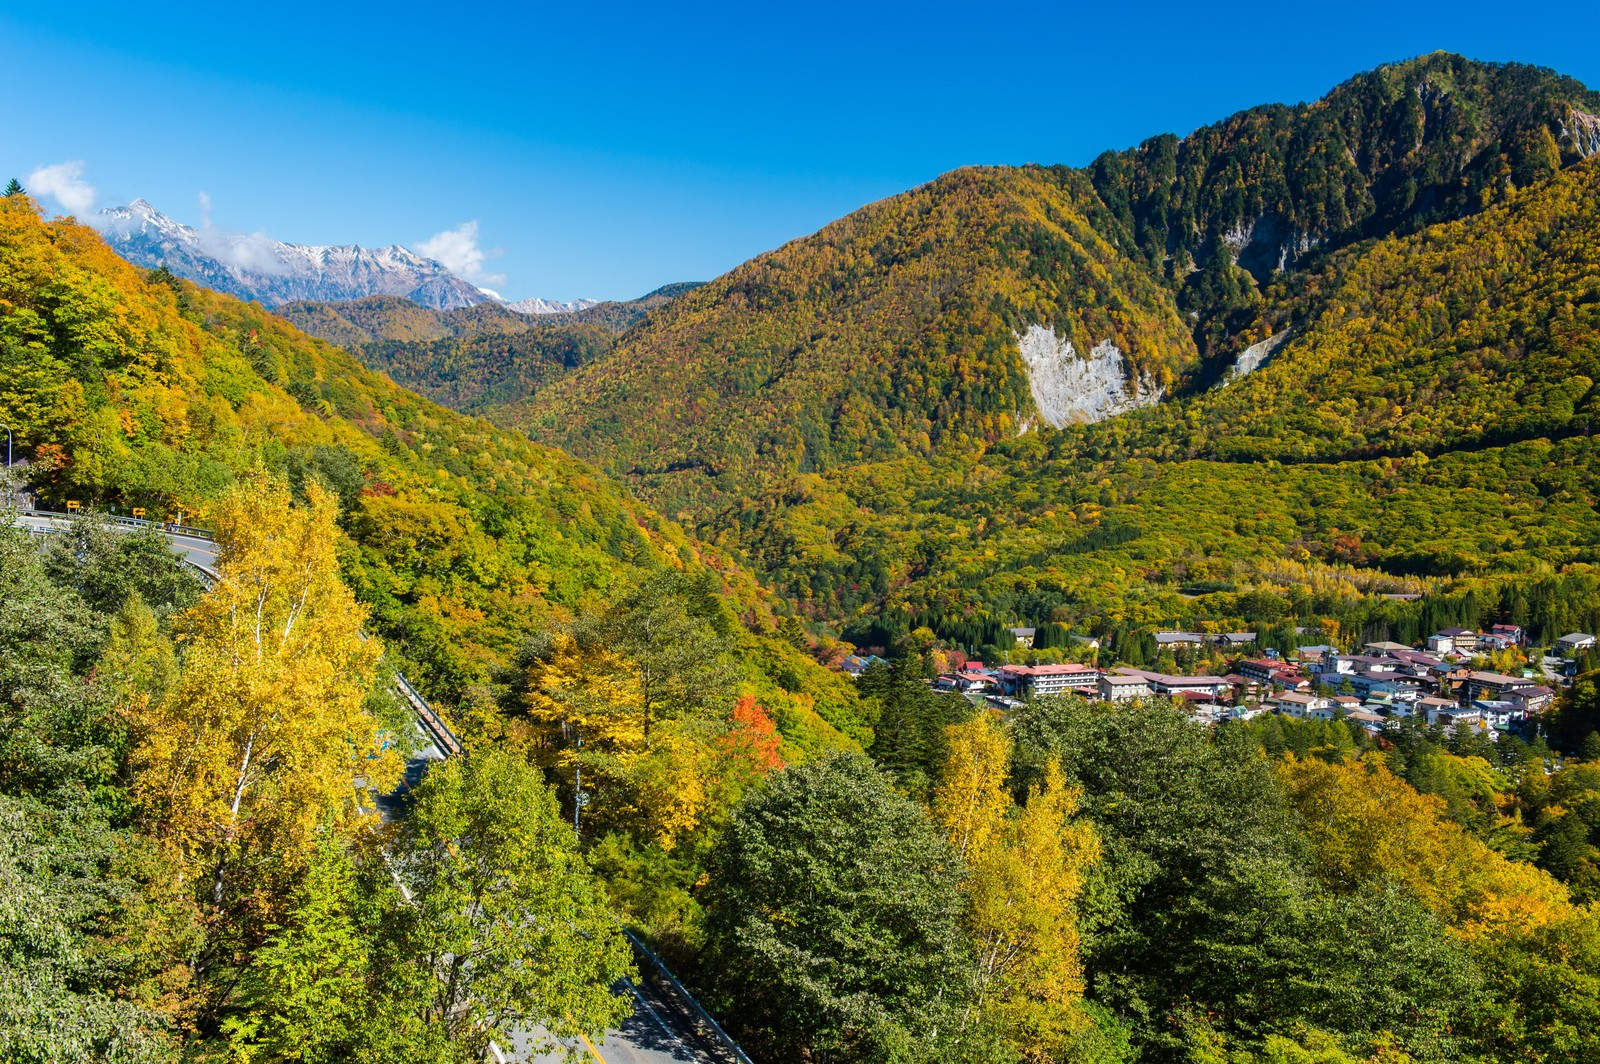 「北アルプスの十字路・秋の山岳温泉郷平湯温泉」の写真